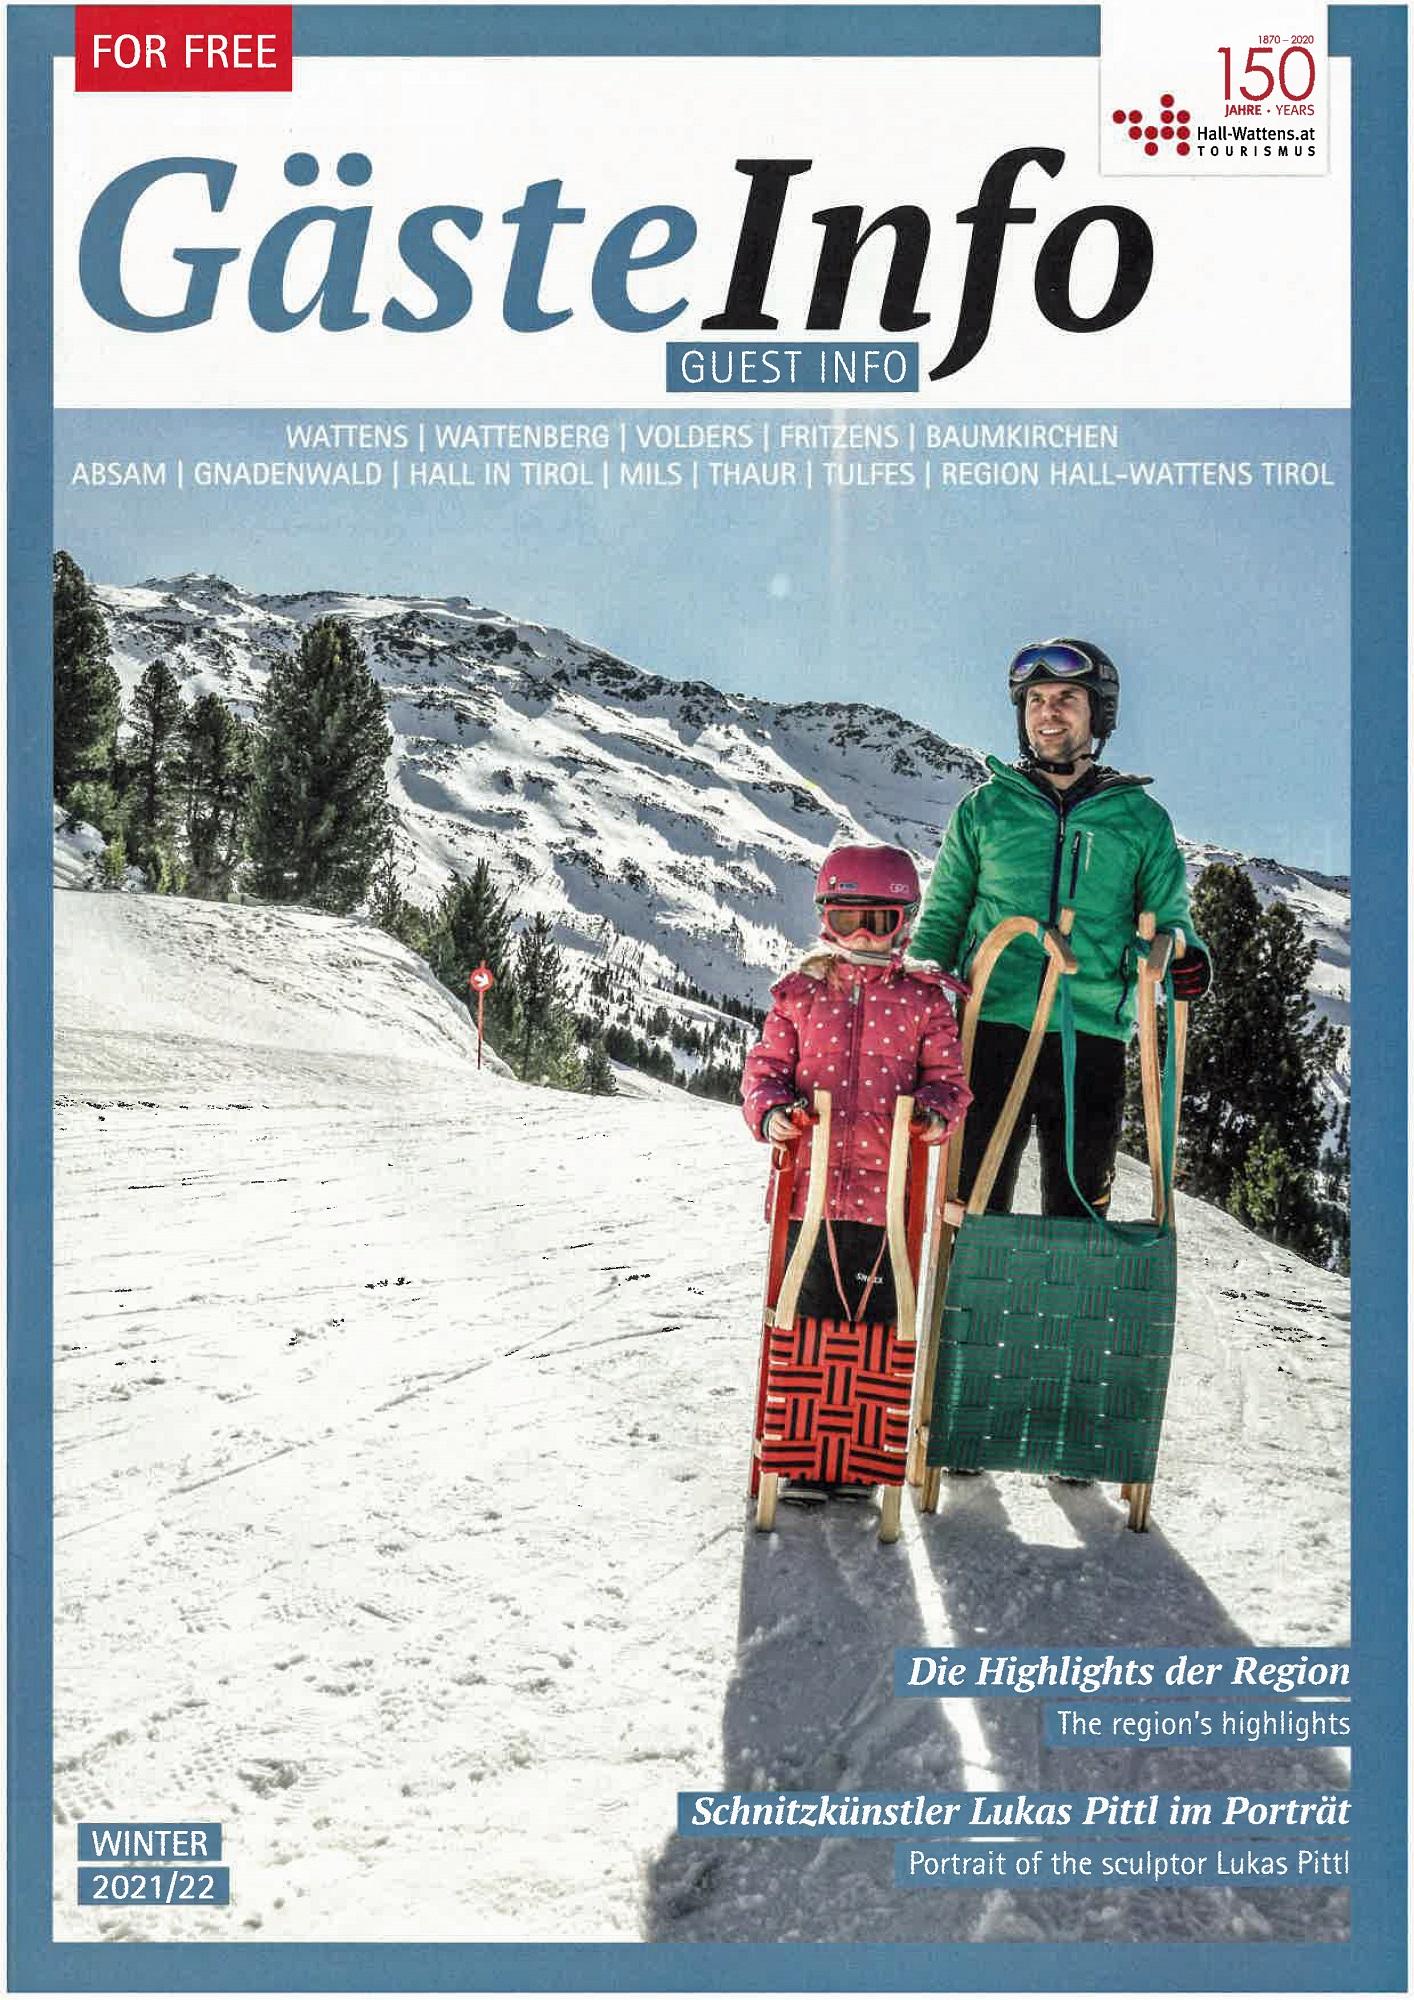 Region Hall-Wattens - Welcome Magazin Österreich